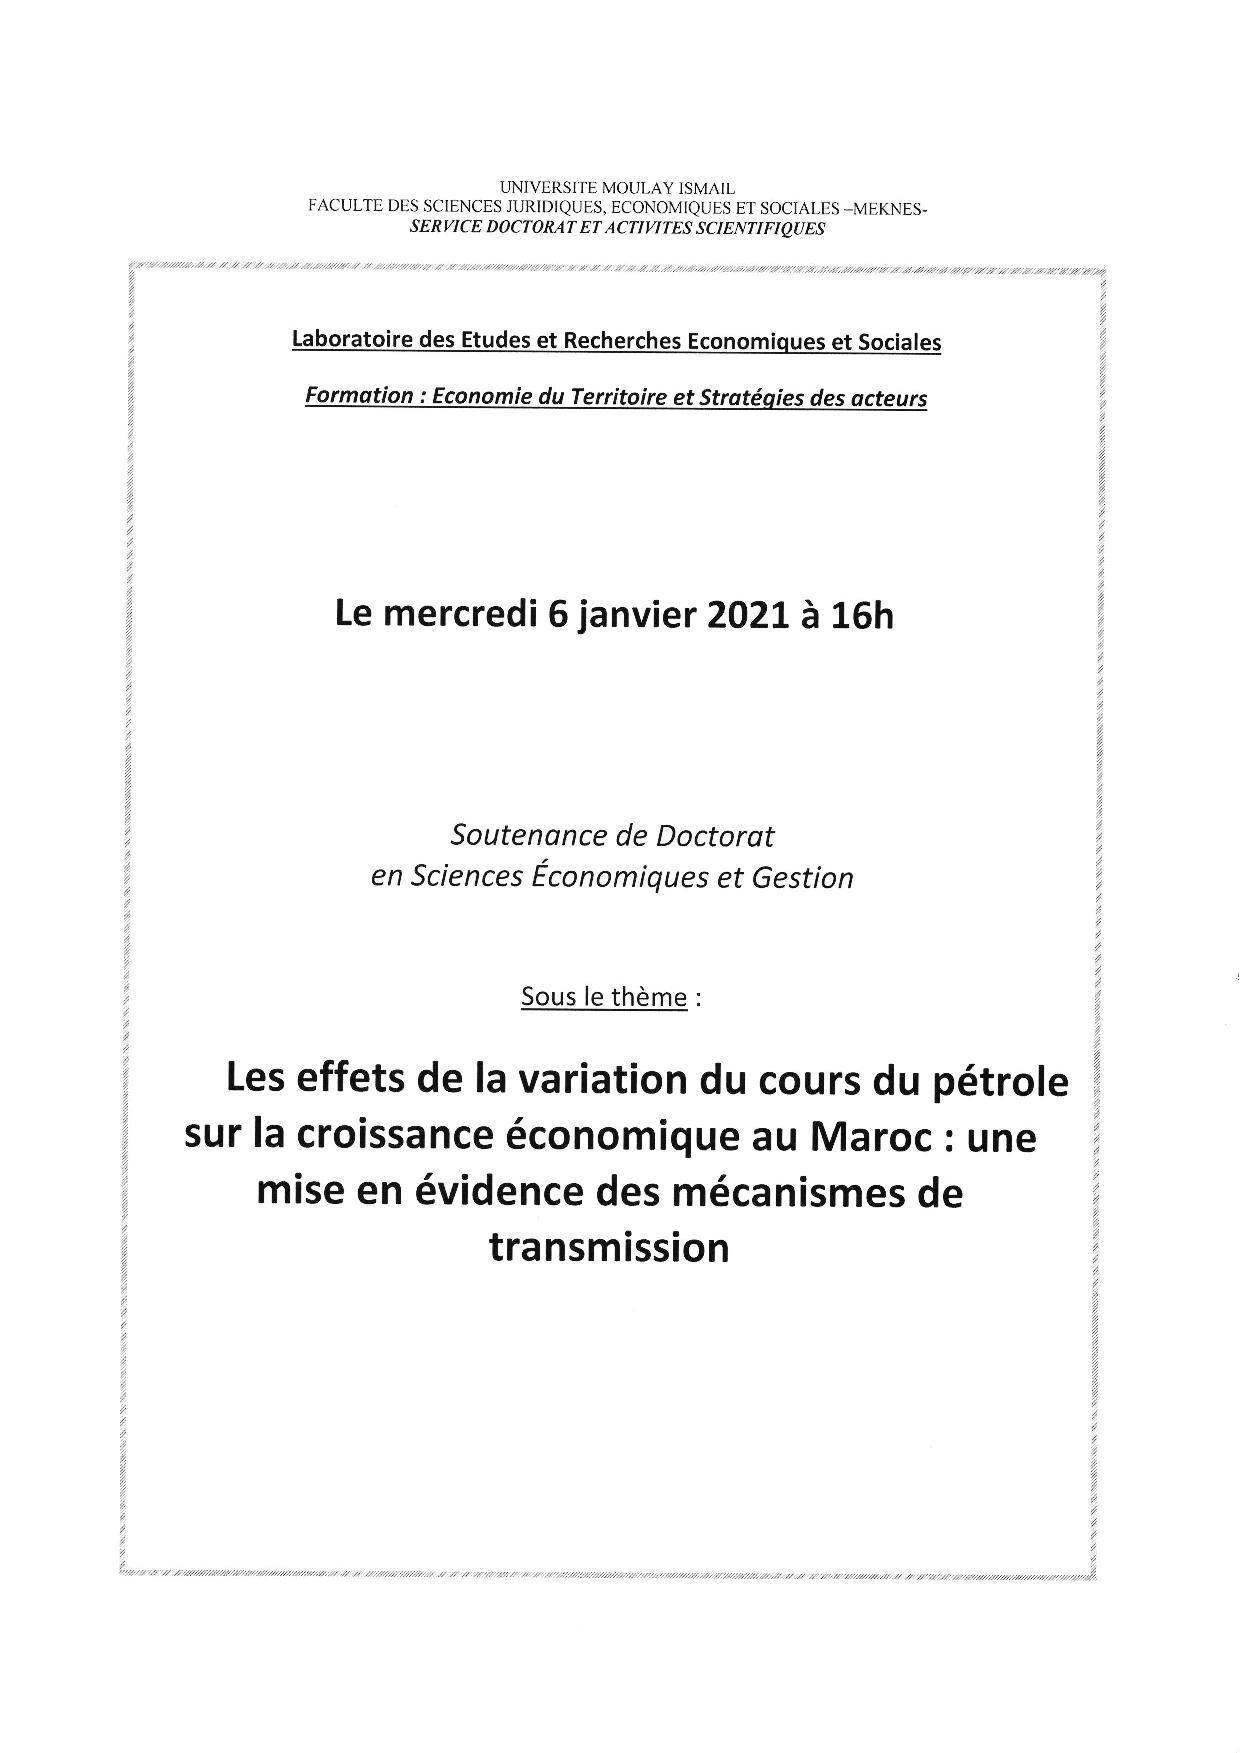 SOUTENANCE DE THÈSE DE DOCTORAT 06-01-2021